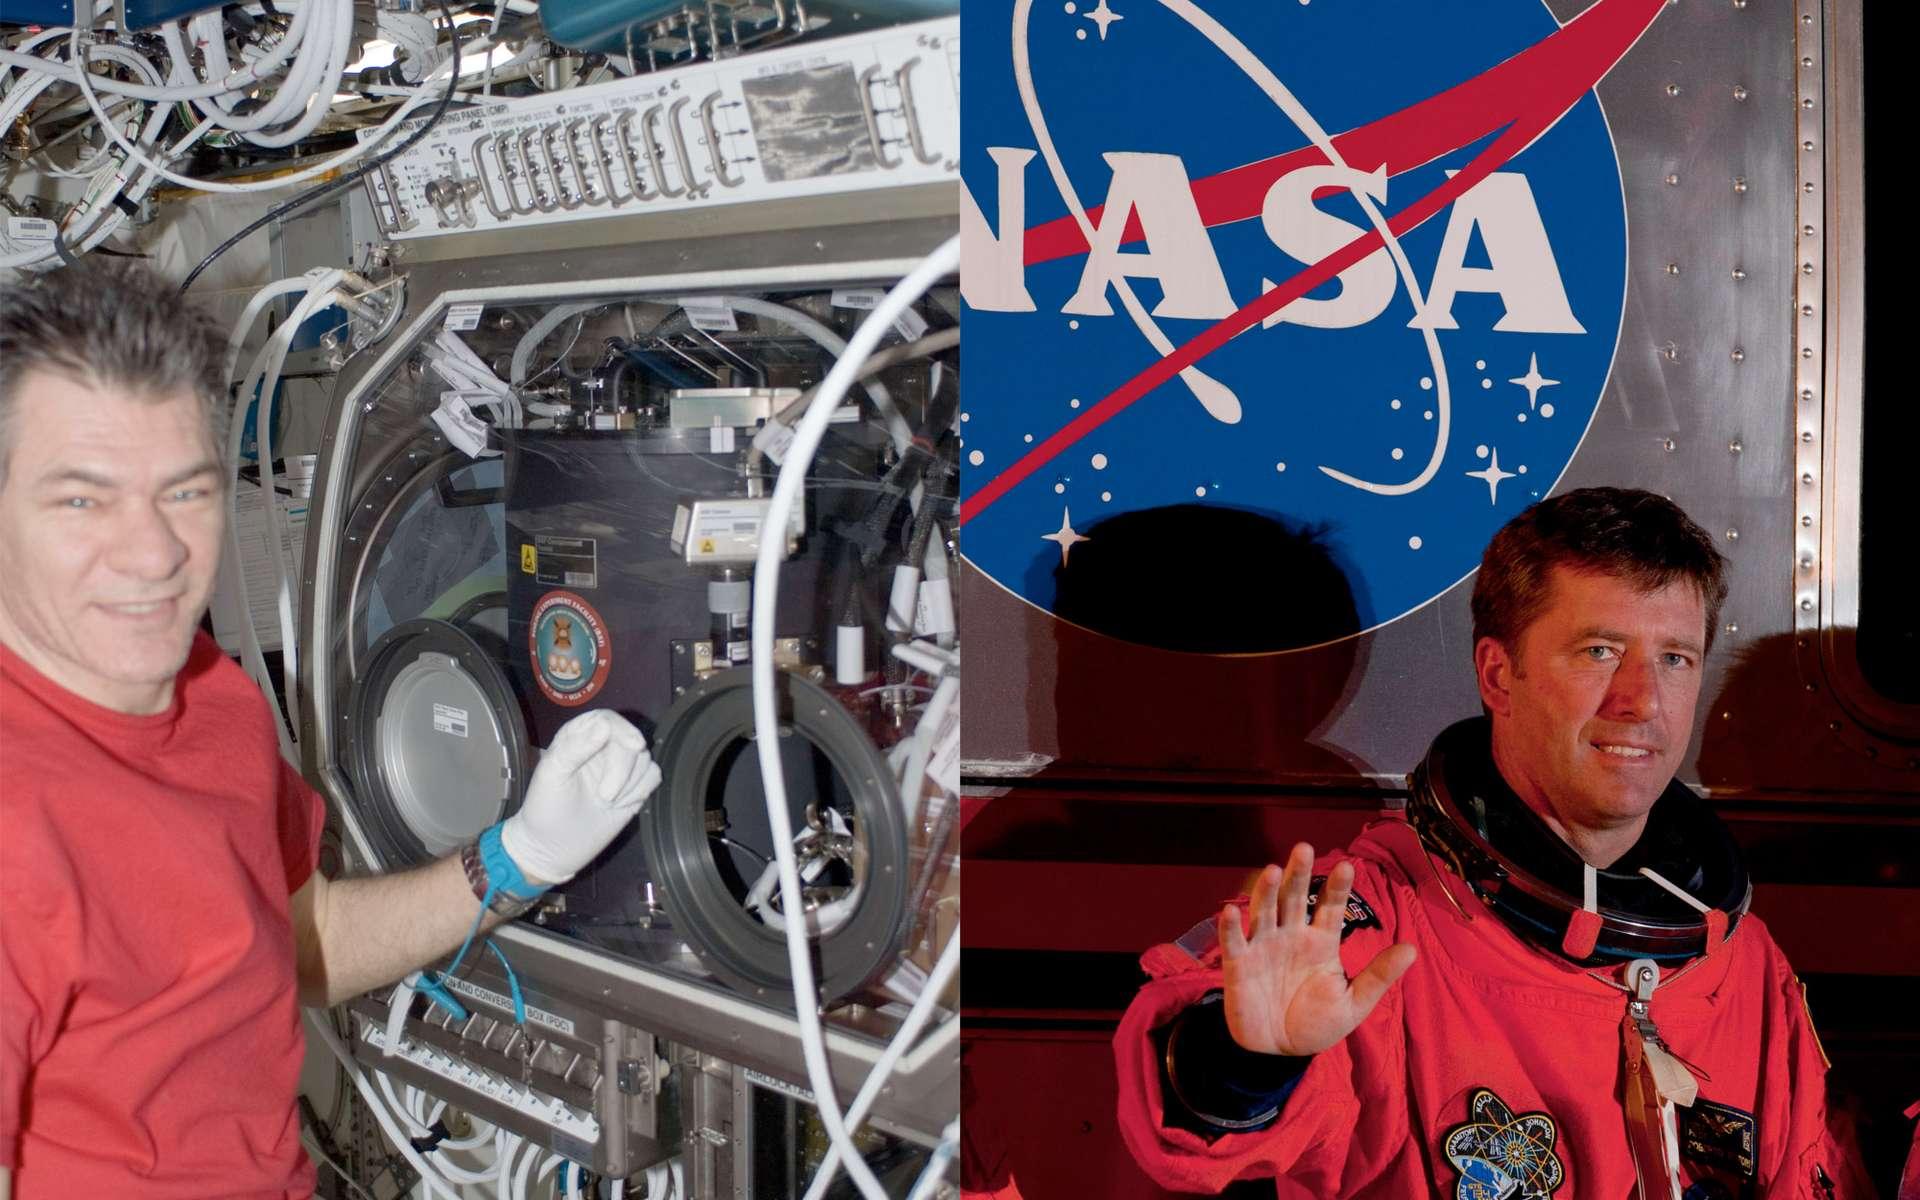 Avec l'arrivée d'Endeavour, deux astronautes de l'Agence spatiale européenne sont à bord de l'ISS. Les Italiens Roberto Vittori arrivé avec la navette (mission Dama) et Paolo Nespoli (mission MagISStra), membre d'Expedition 27. © Nasa